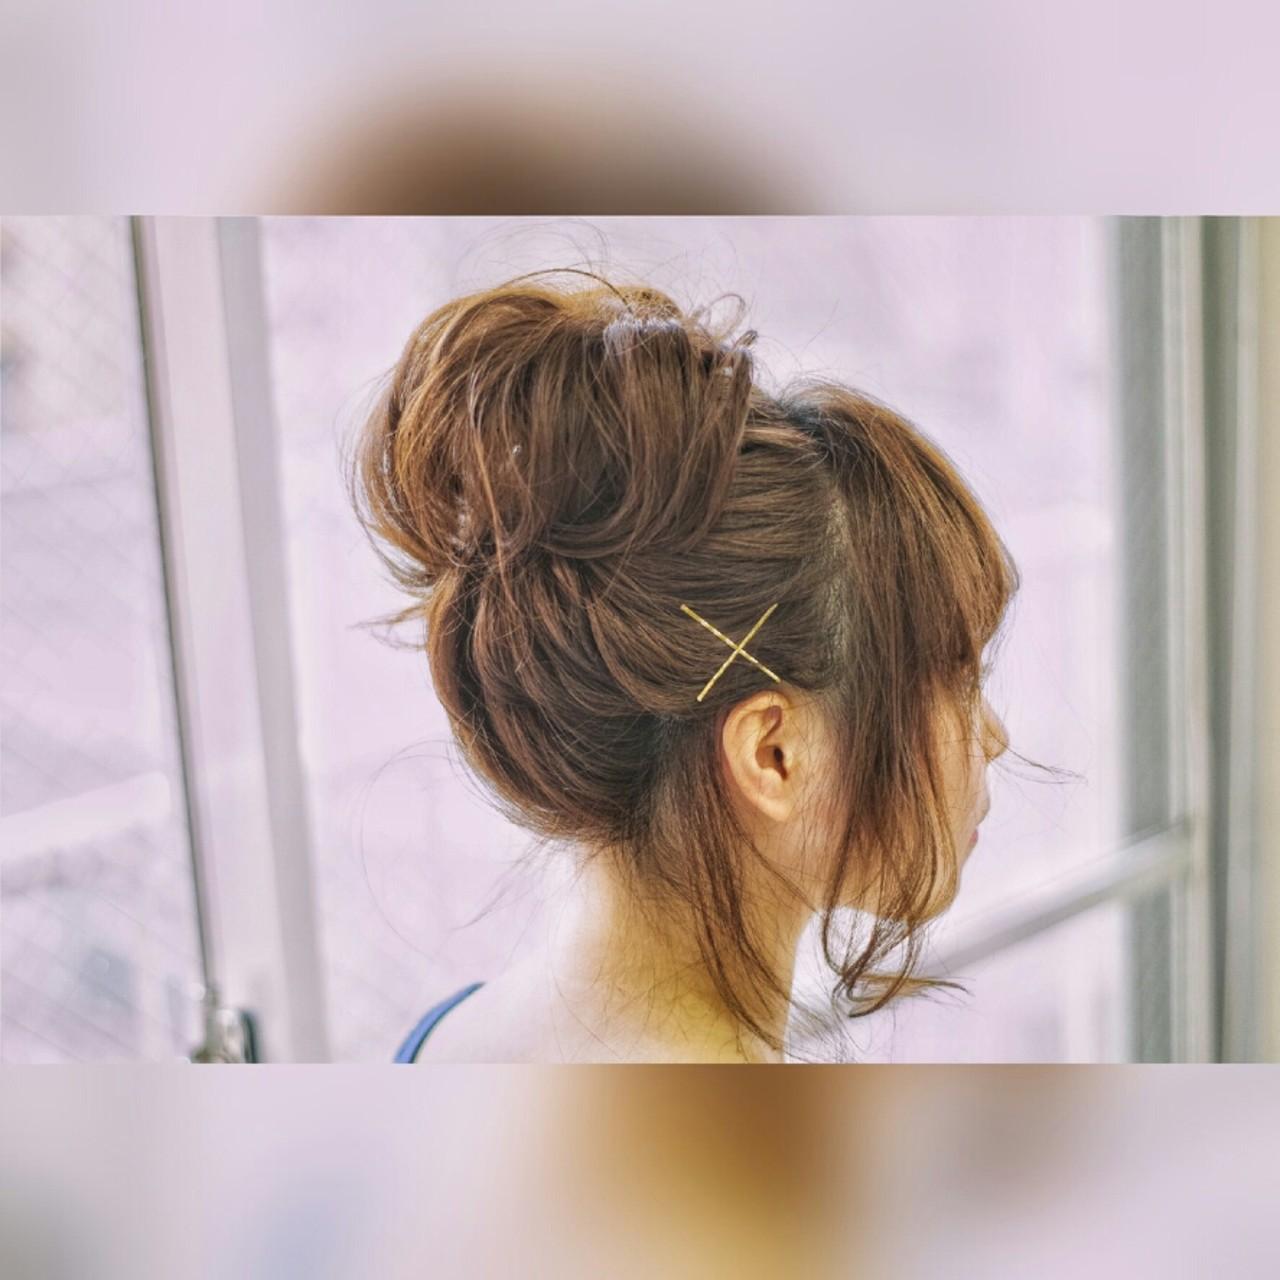 ヘアアレンジ 簡単ヘアアレンジ ナチュラル セミロング ヘアスタイルや髪型の写真・画像 | 宇井 一八 / Hair&make  vita